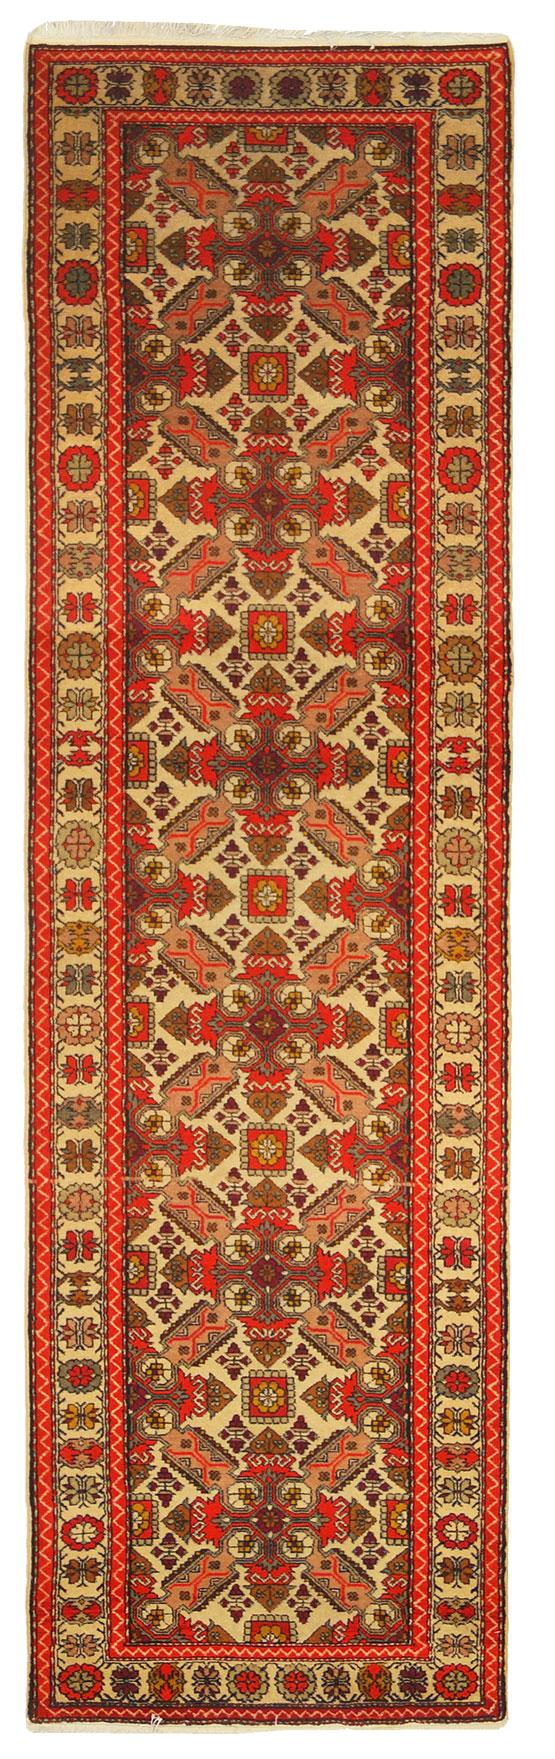 codice:7603 tipologia:Altri Tappeti collezione:Altri Tappeti provenienza:Caucaso dimensioni:75 X 267 Cm caratteristiche:Geometrico